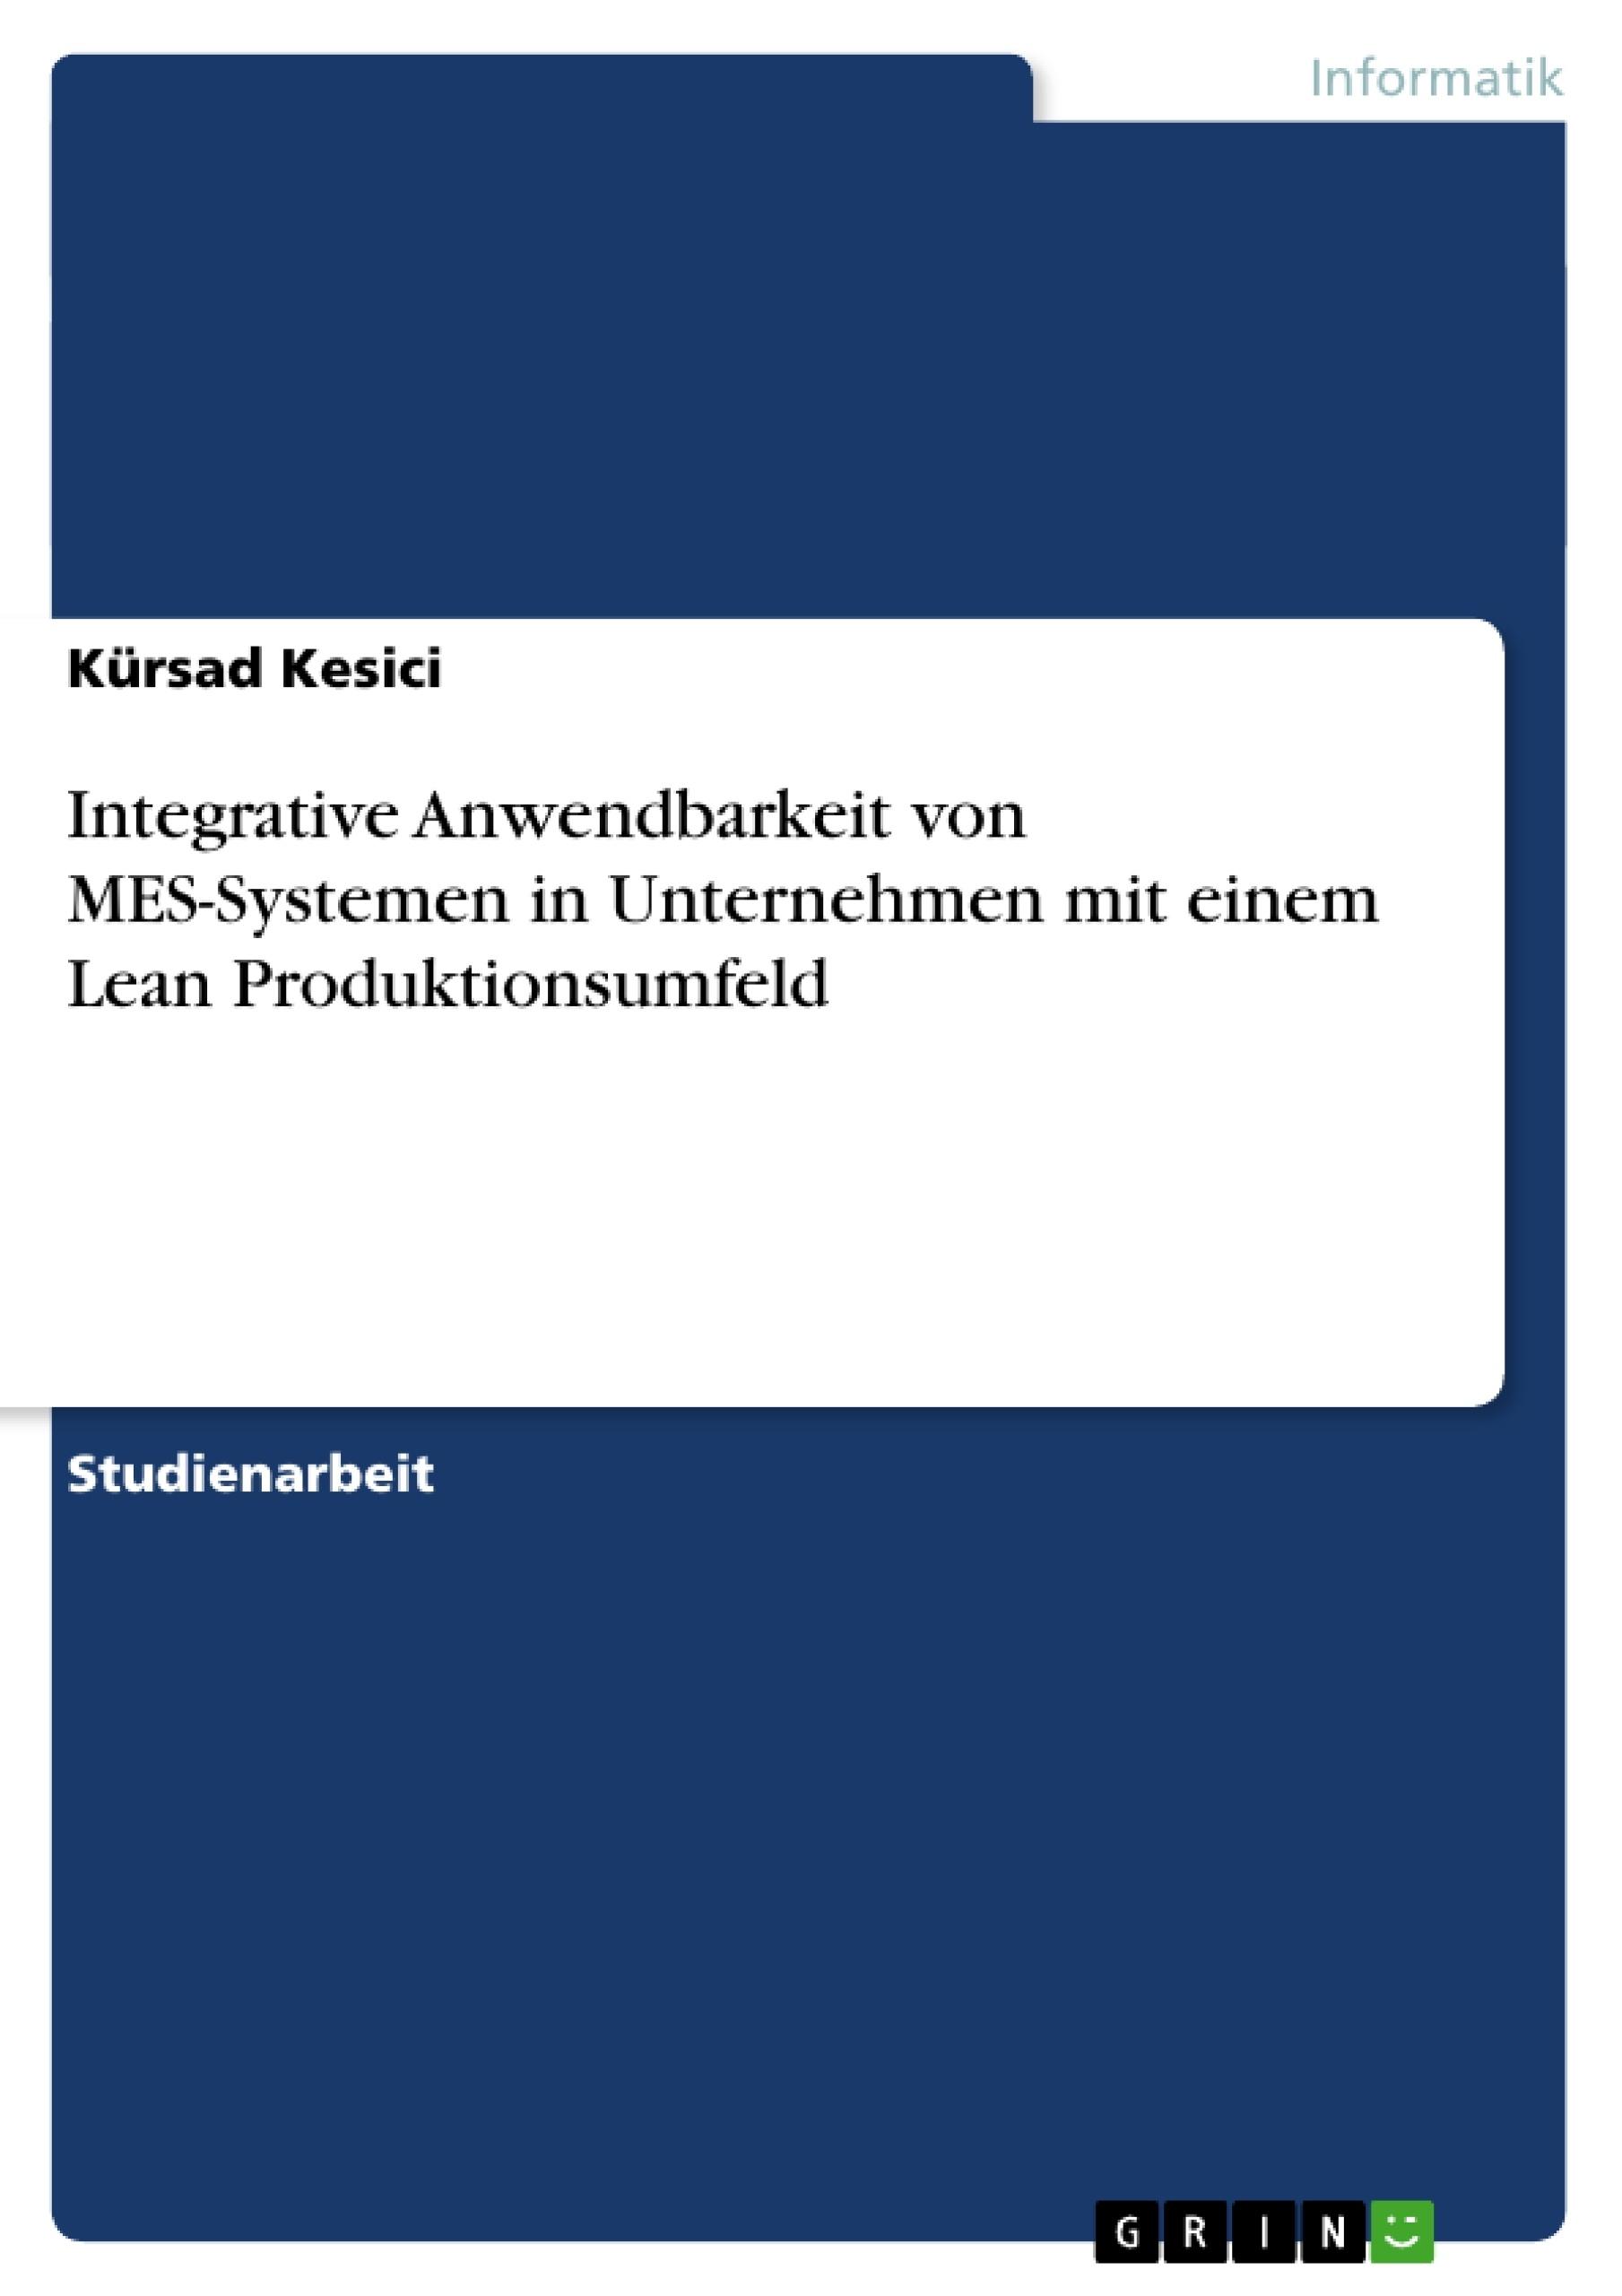 Titel: Integrative Anwendbarkeit von MES-Systemen in Unternehmen mit einem Lean Produktionsumfeld